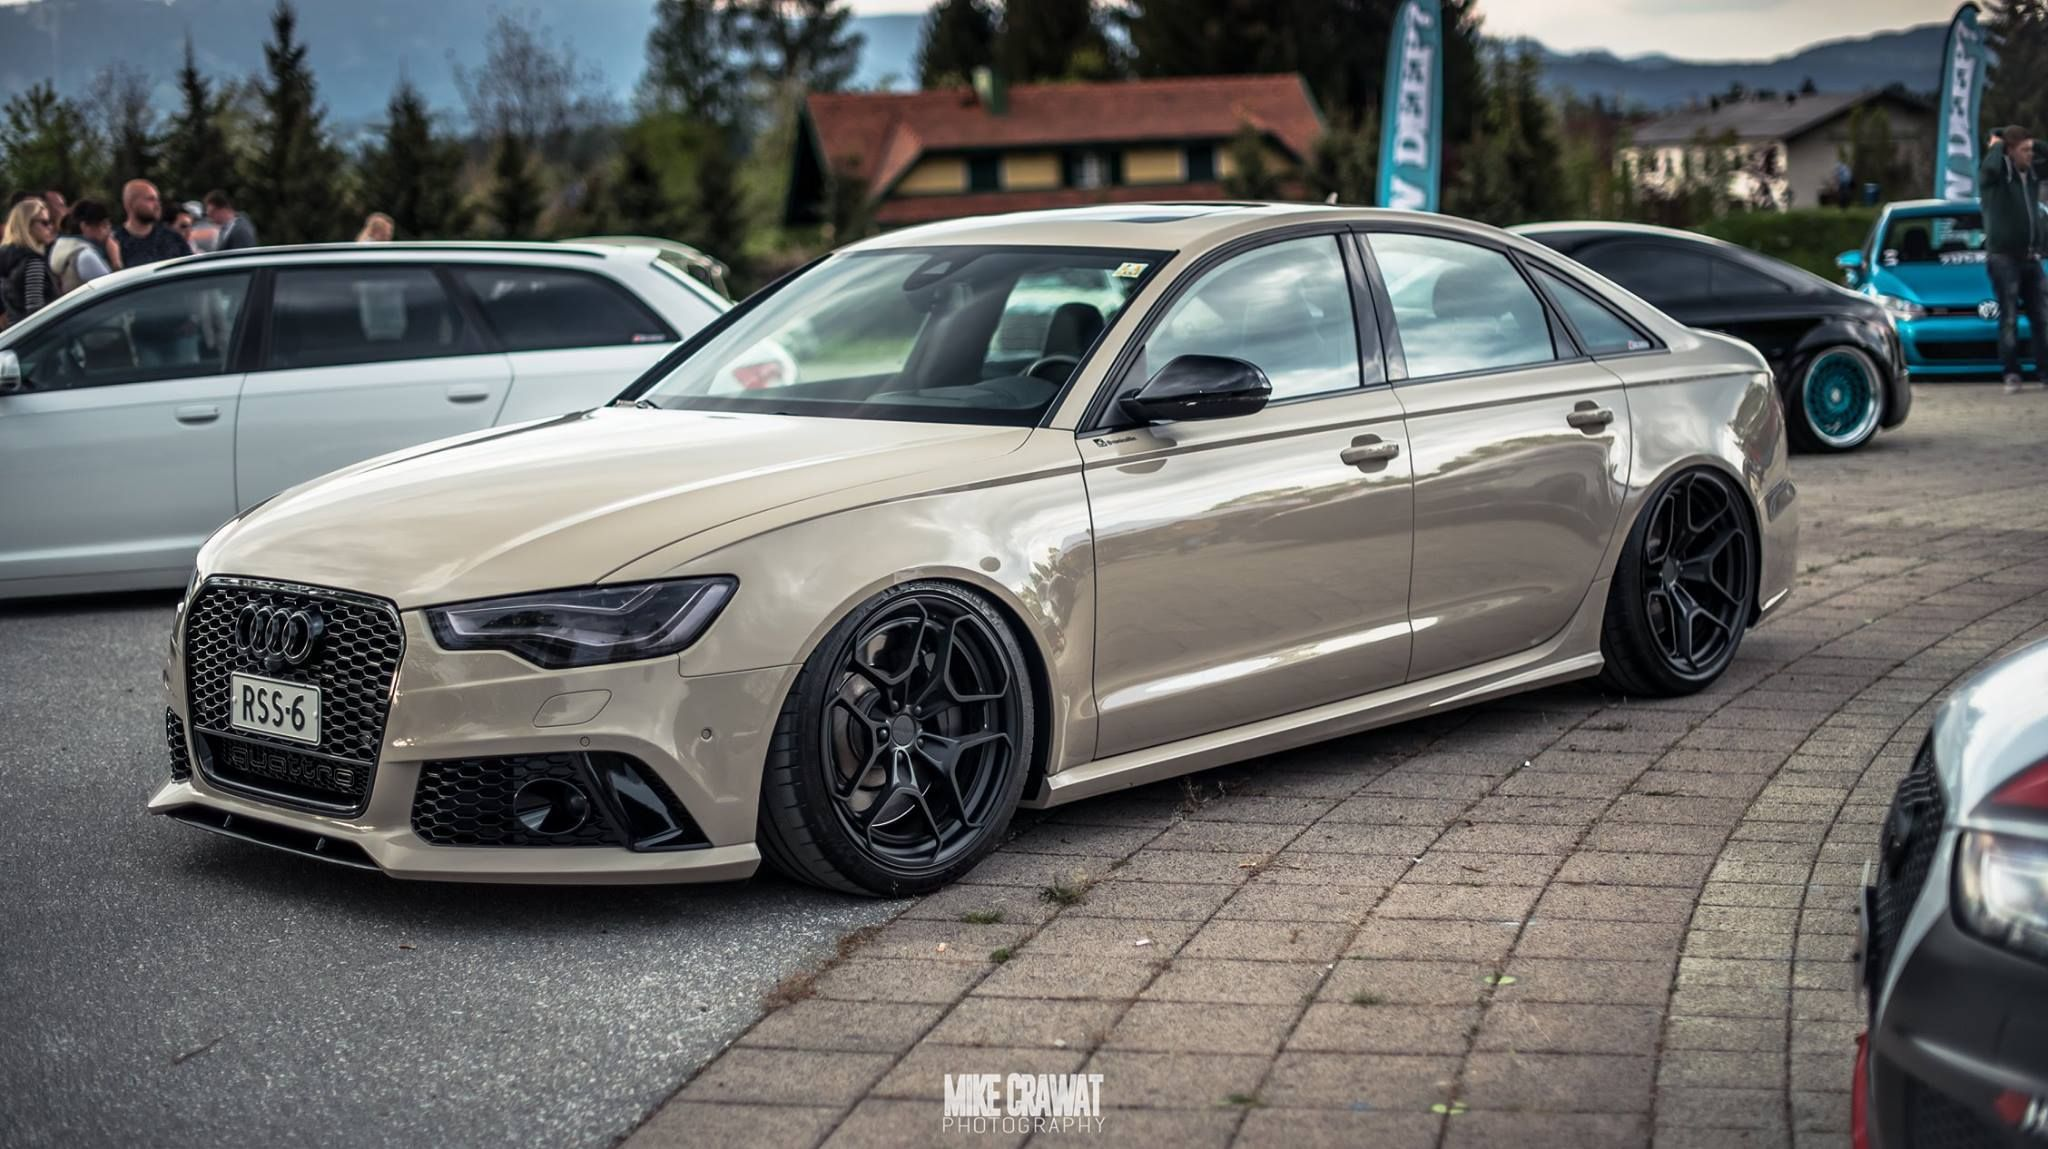 Pin By Toni Kulo On Audi Audi Rs6 Audi Rs6 C7 Audi 2017